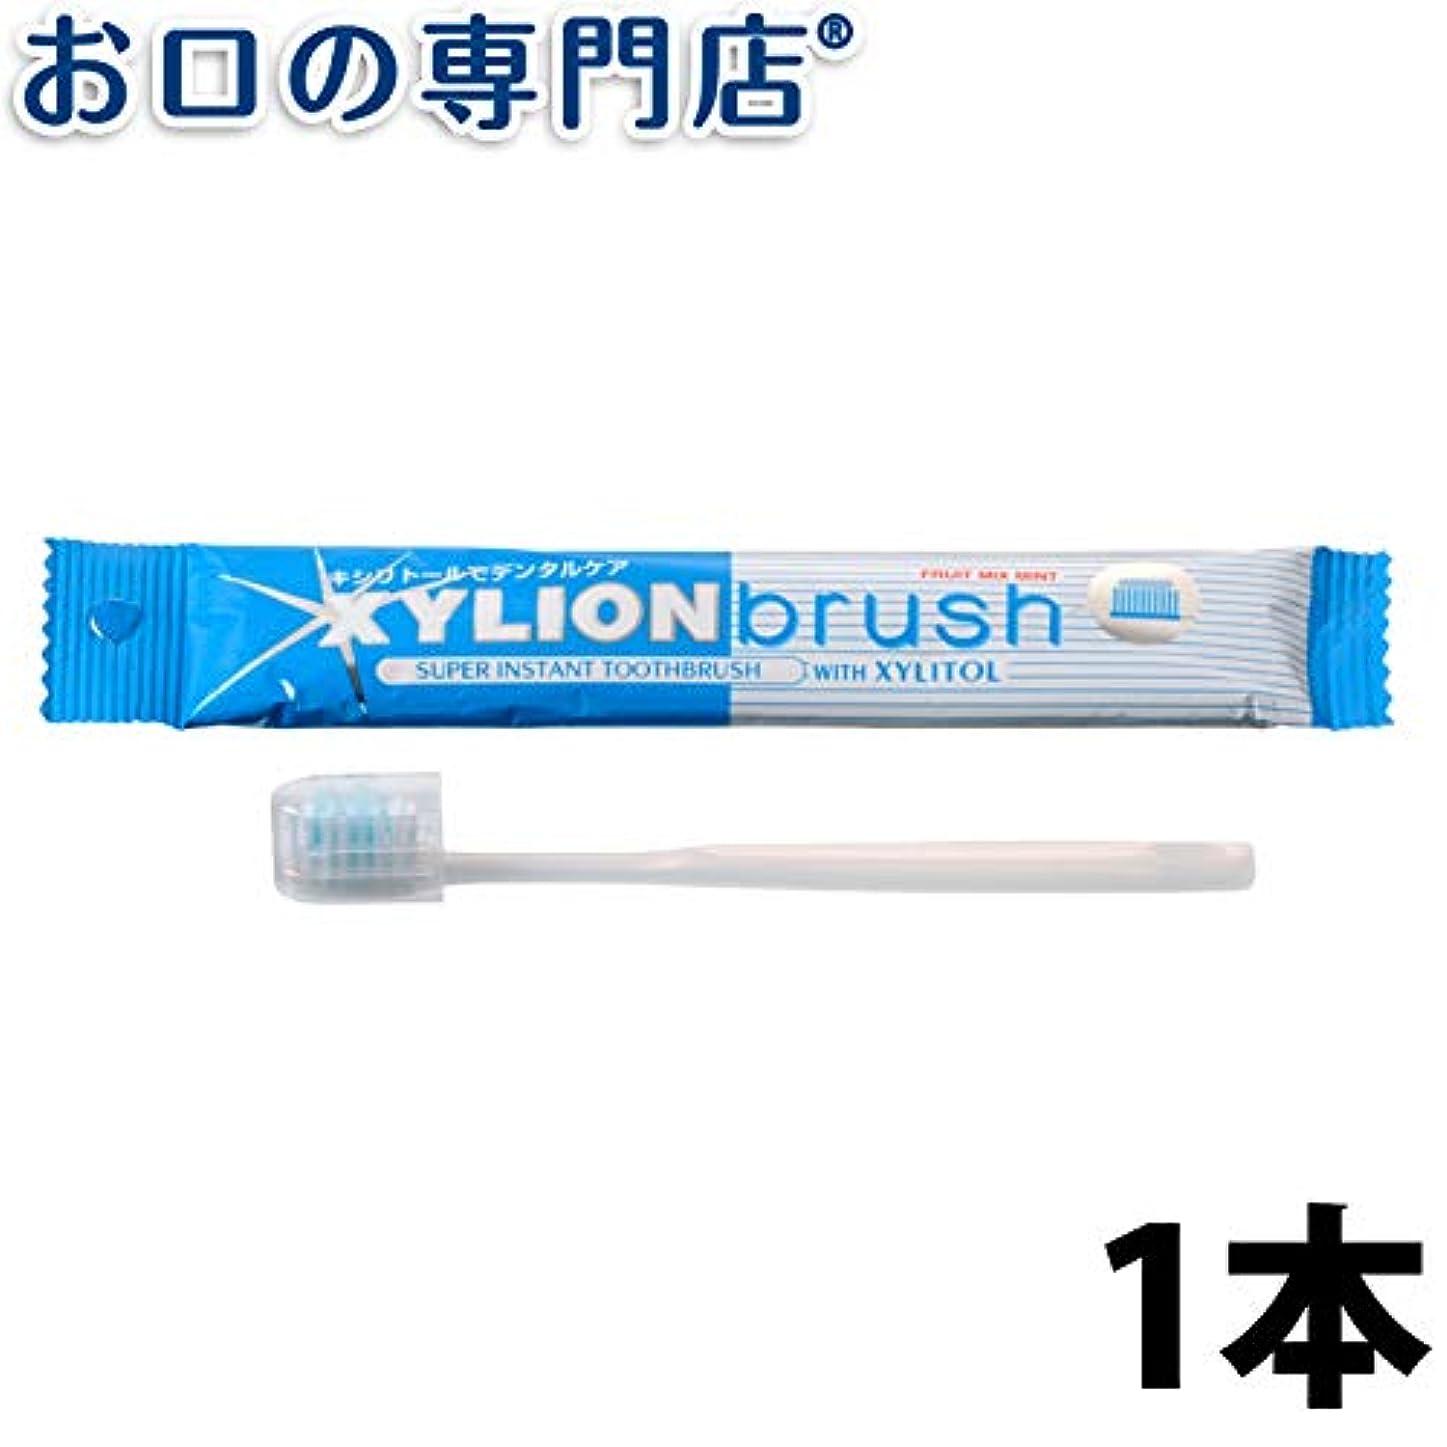 小学生同種の販売計画キシリオンブラシ XYLION brush 1本